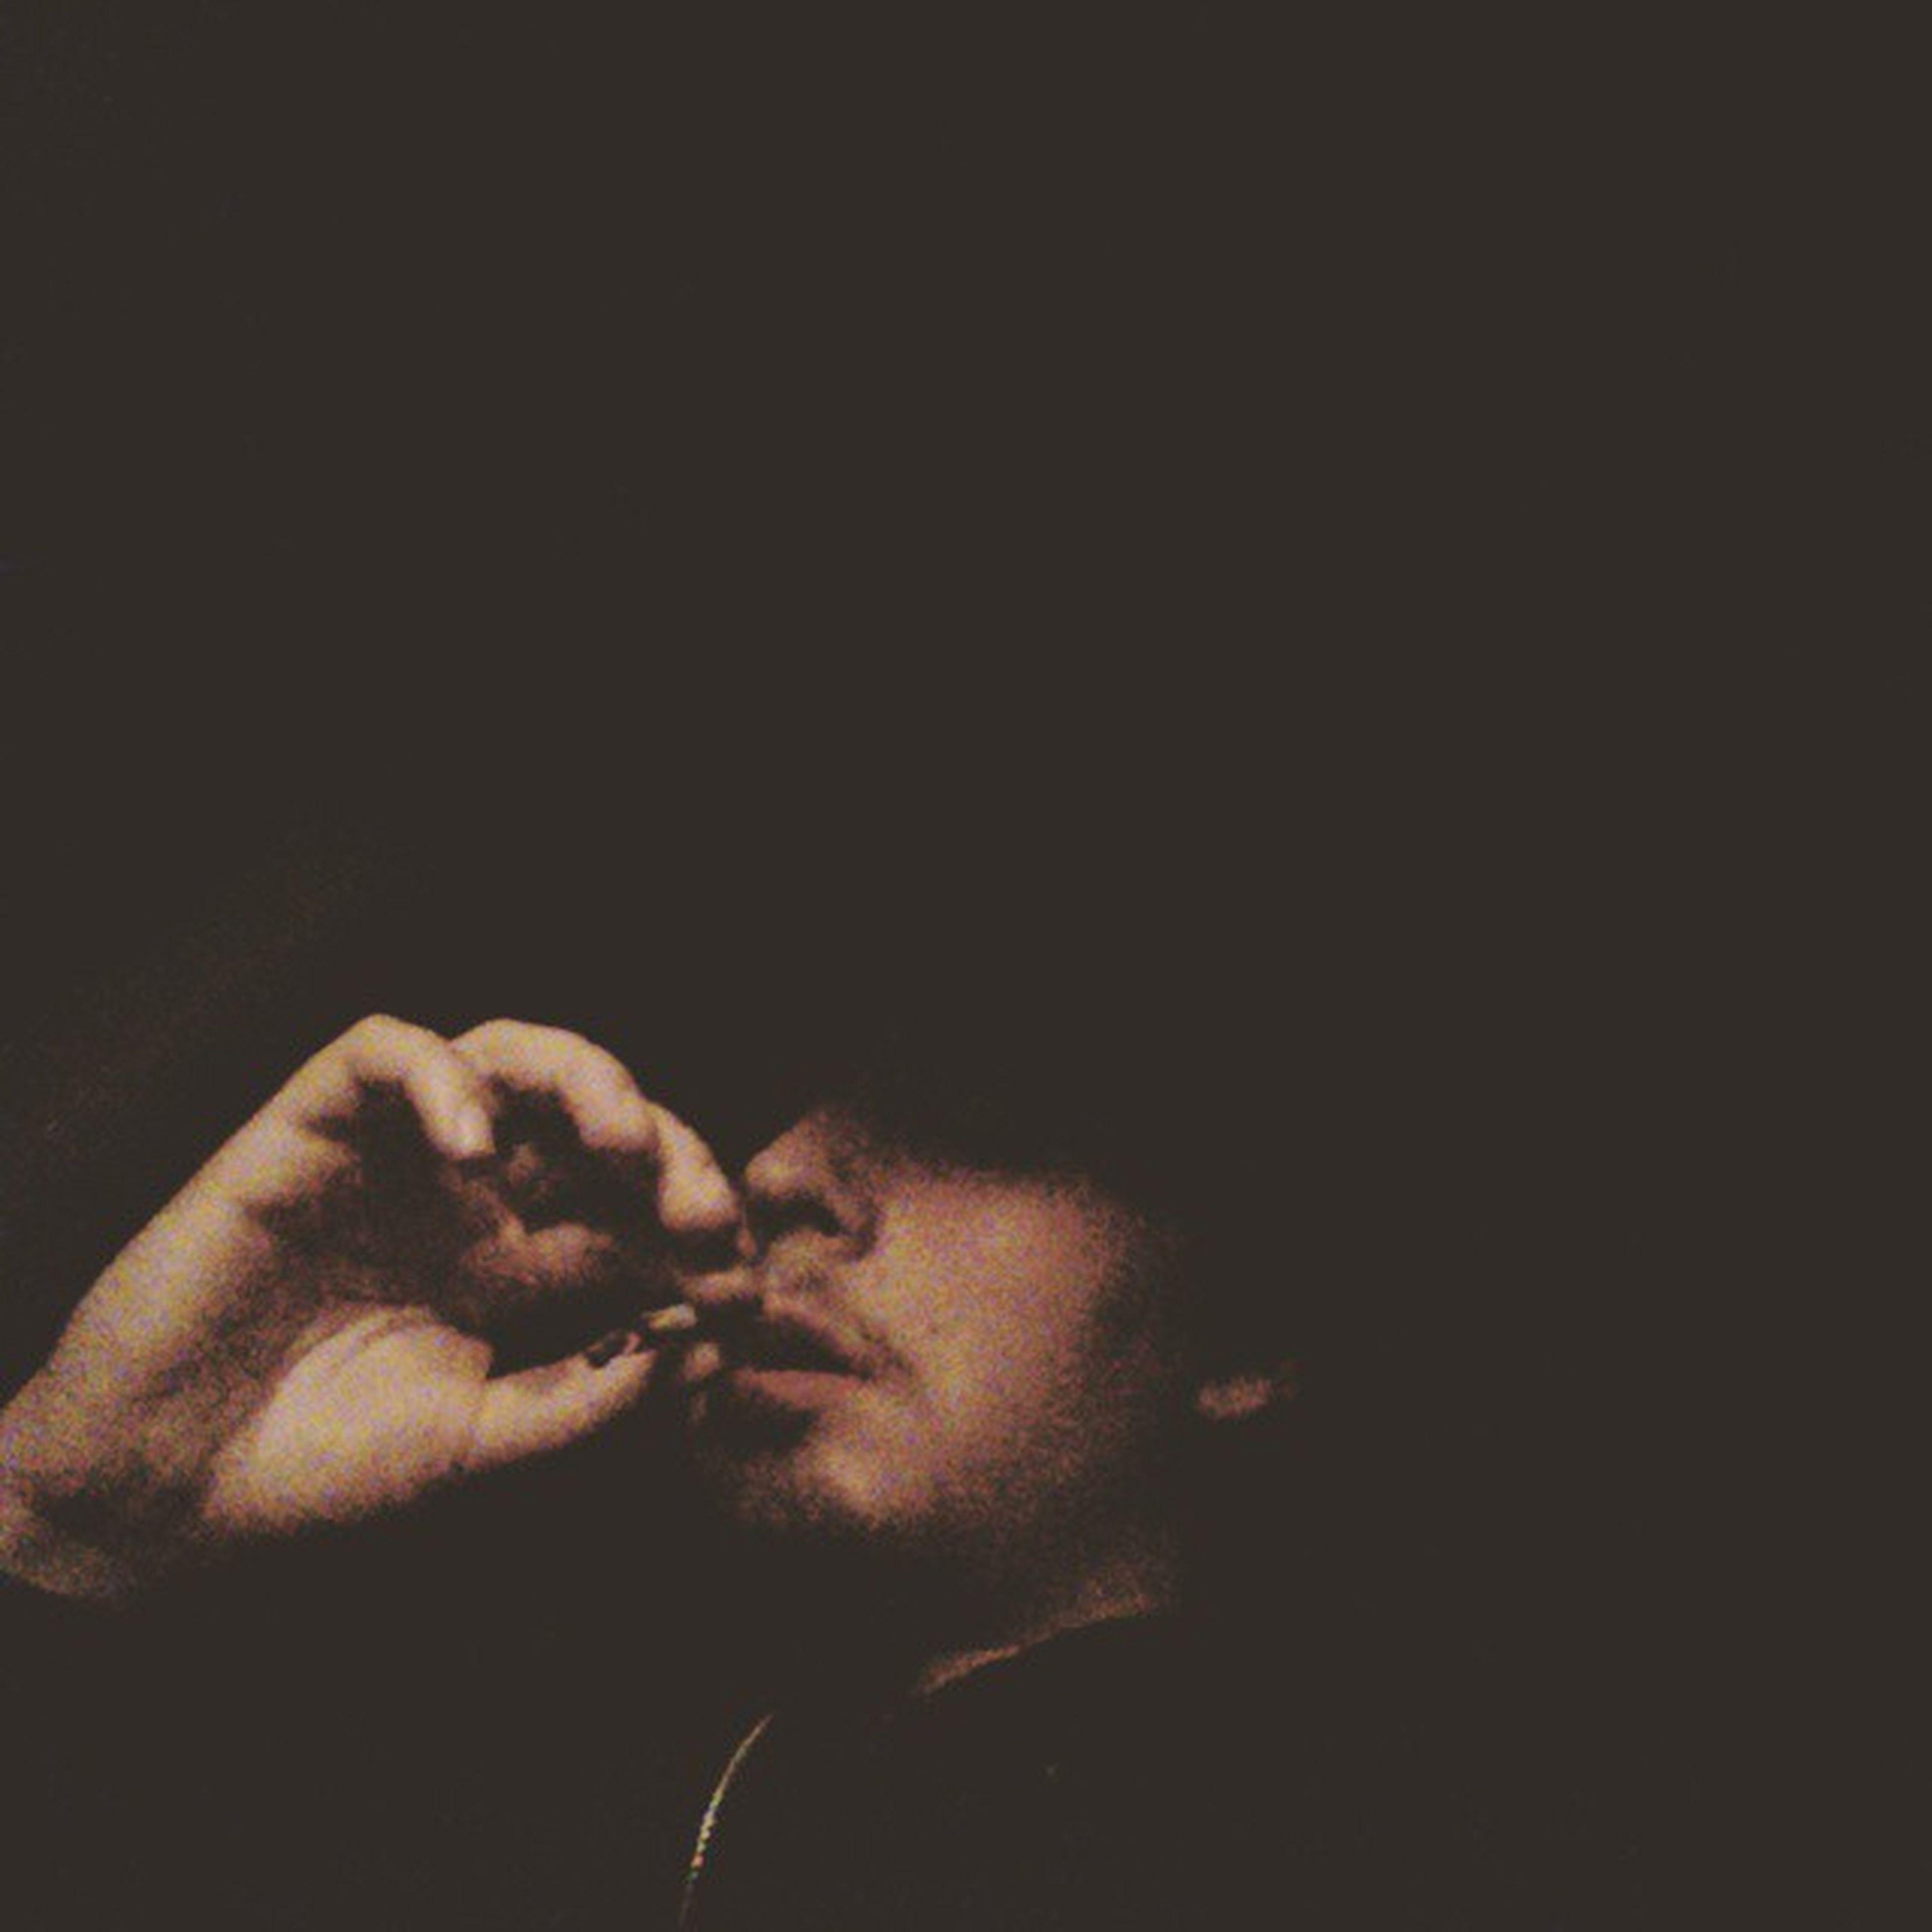 Watchingitgetdark Likeweallusedto Smoke2joints Smokeemifyougotem